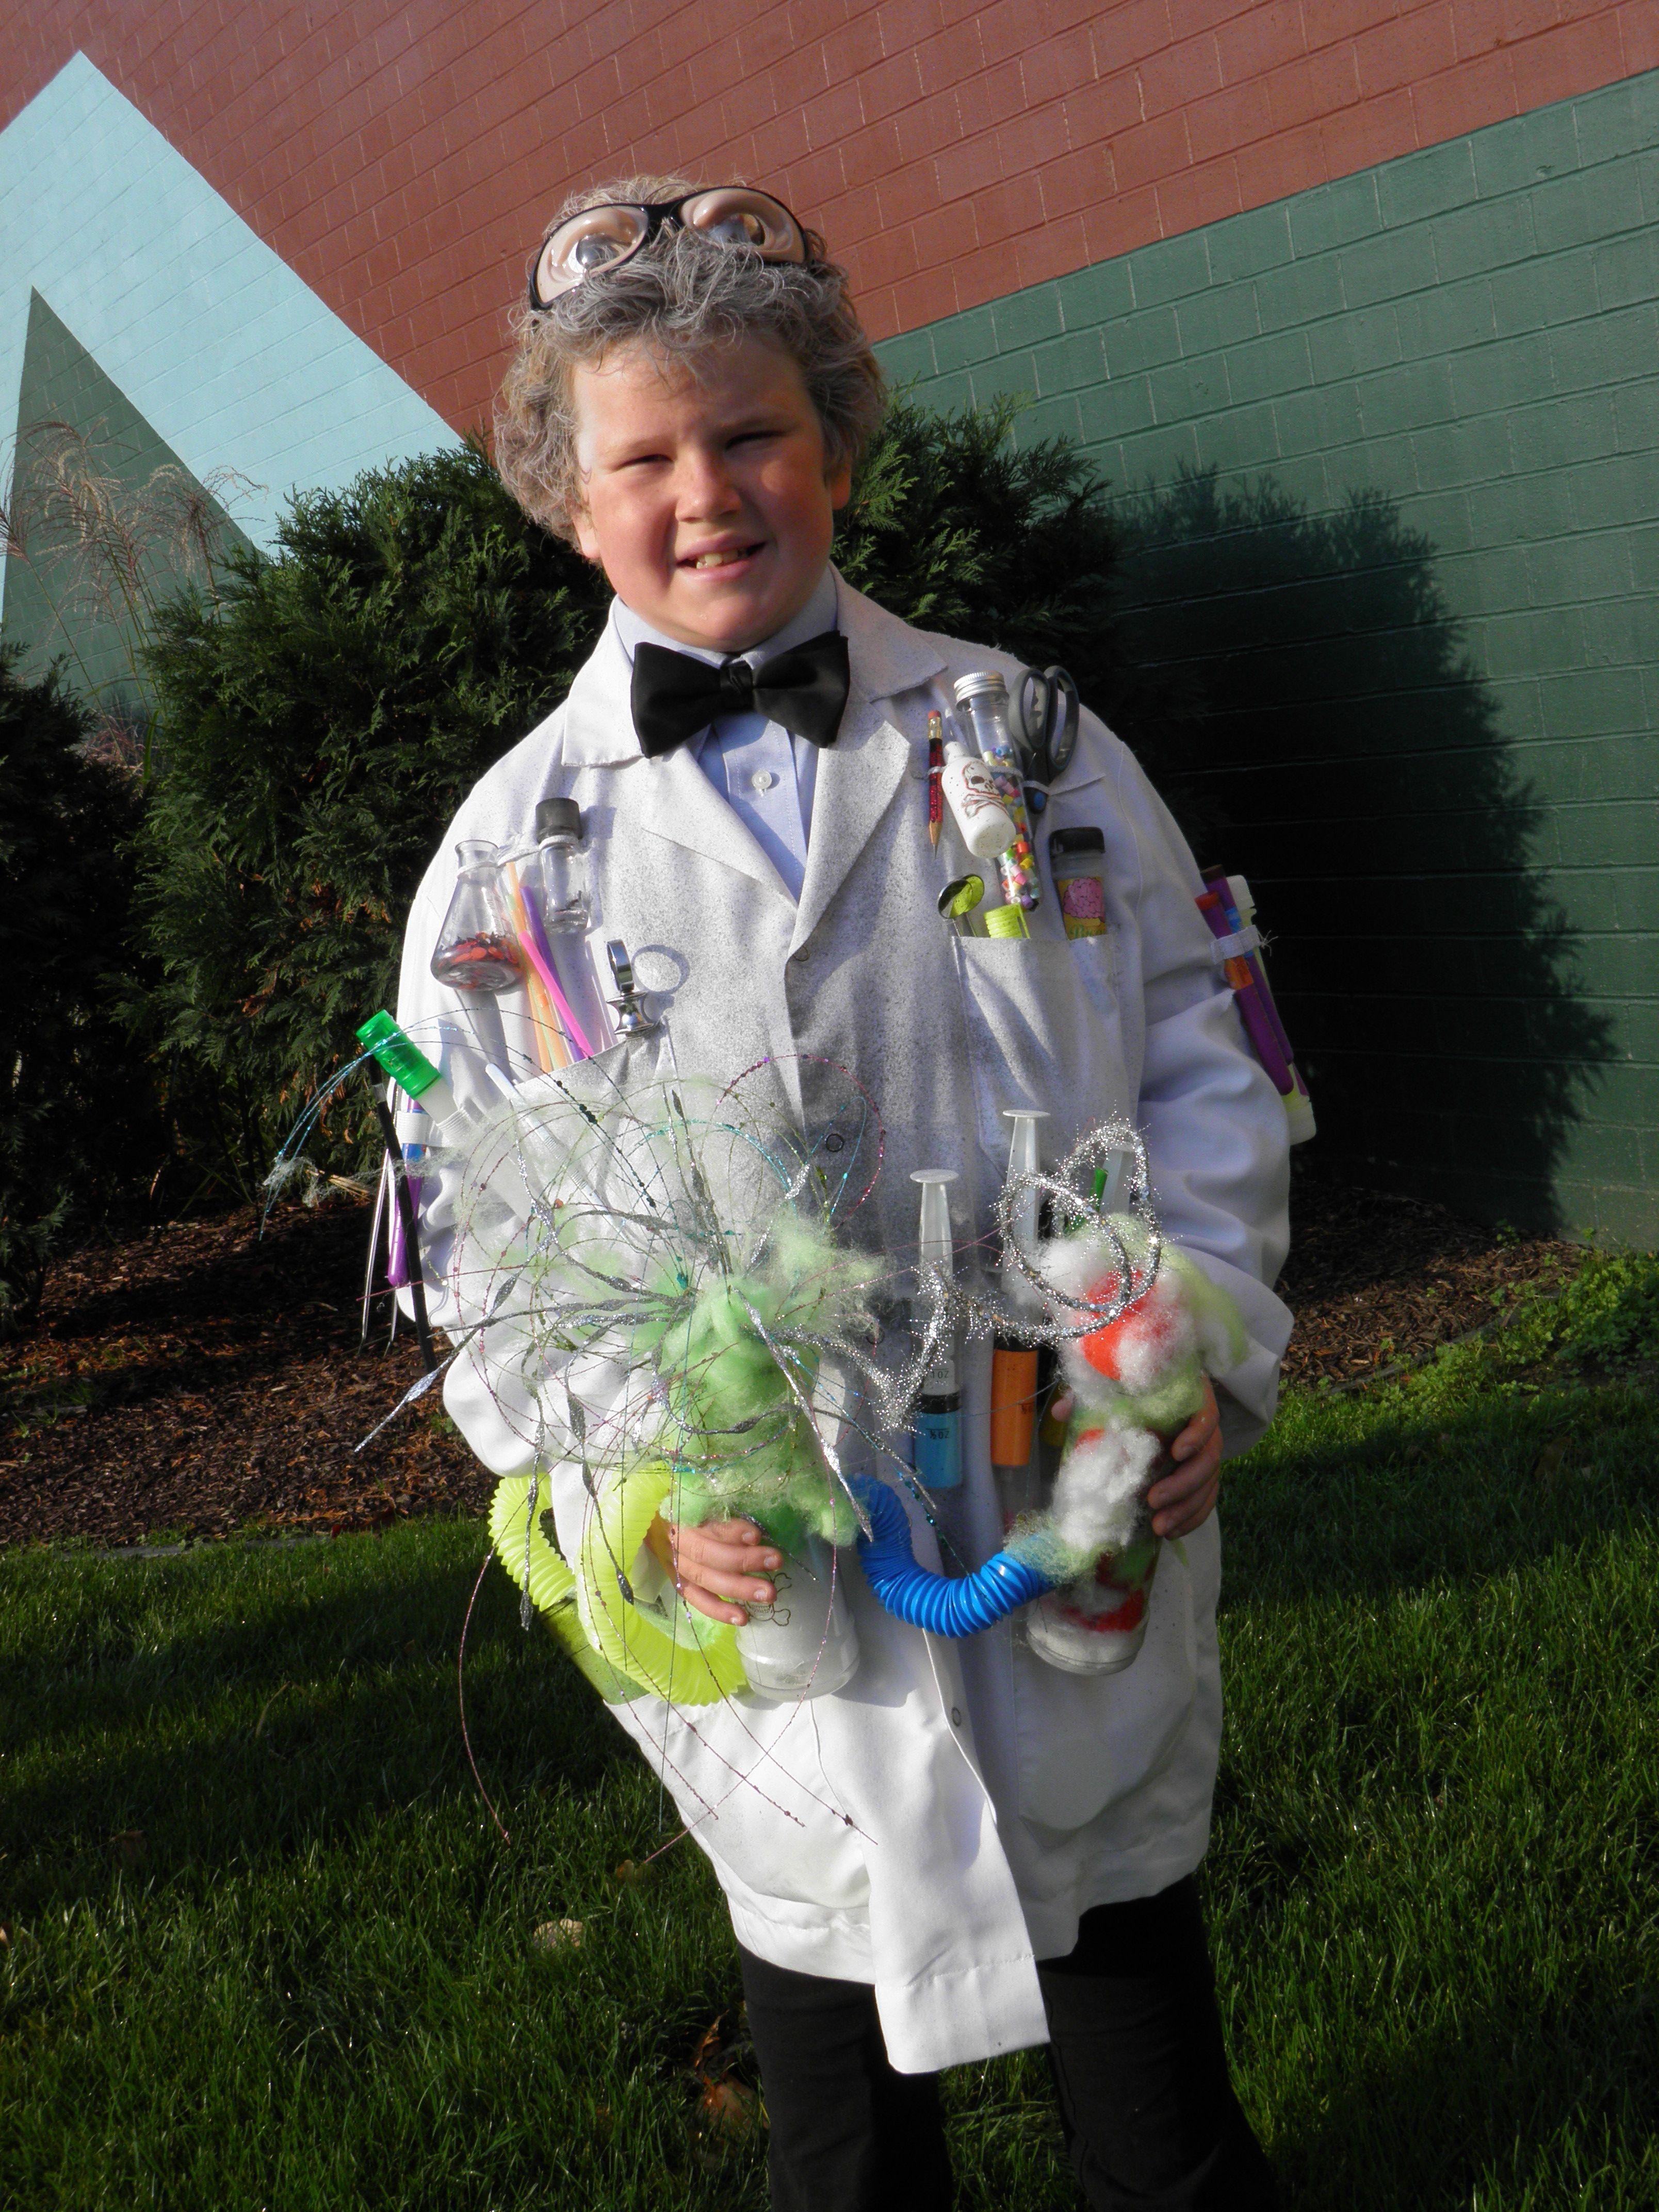 mad scientist costume | pictures | pinterest | scientist costume